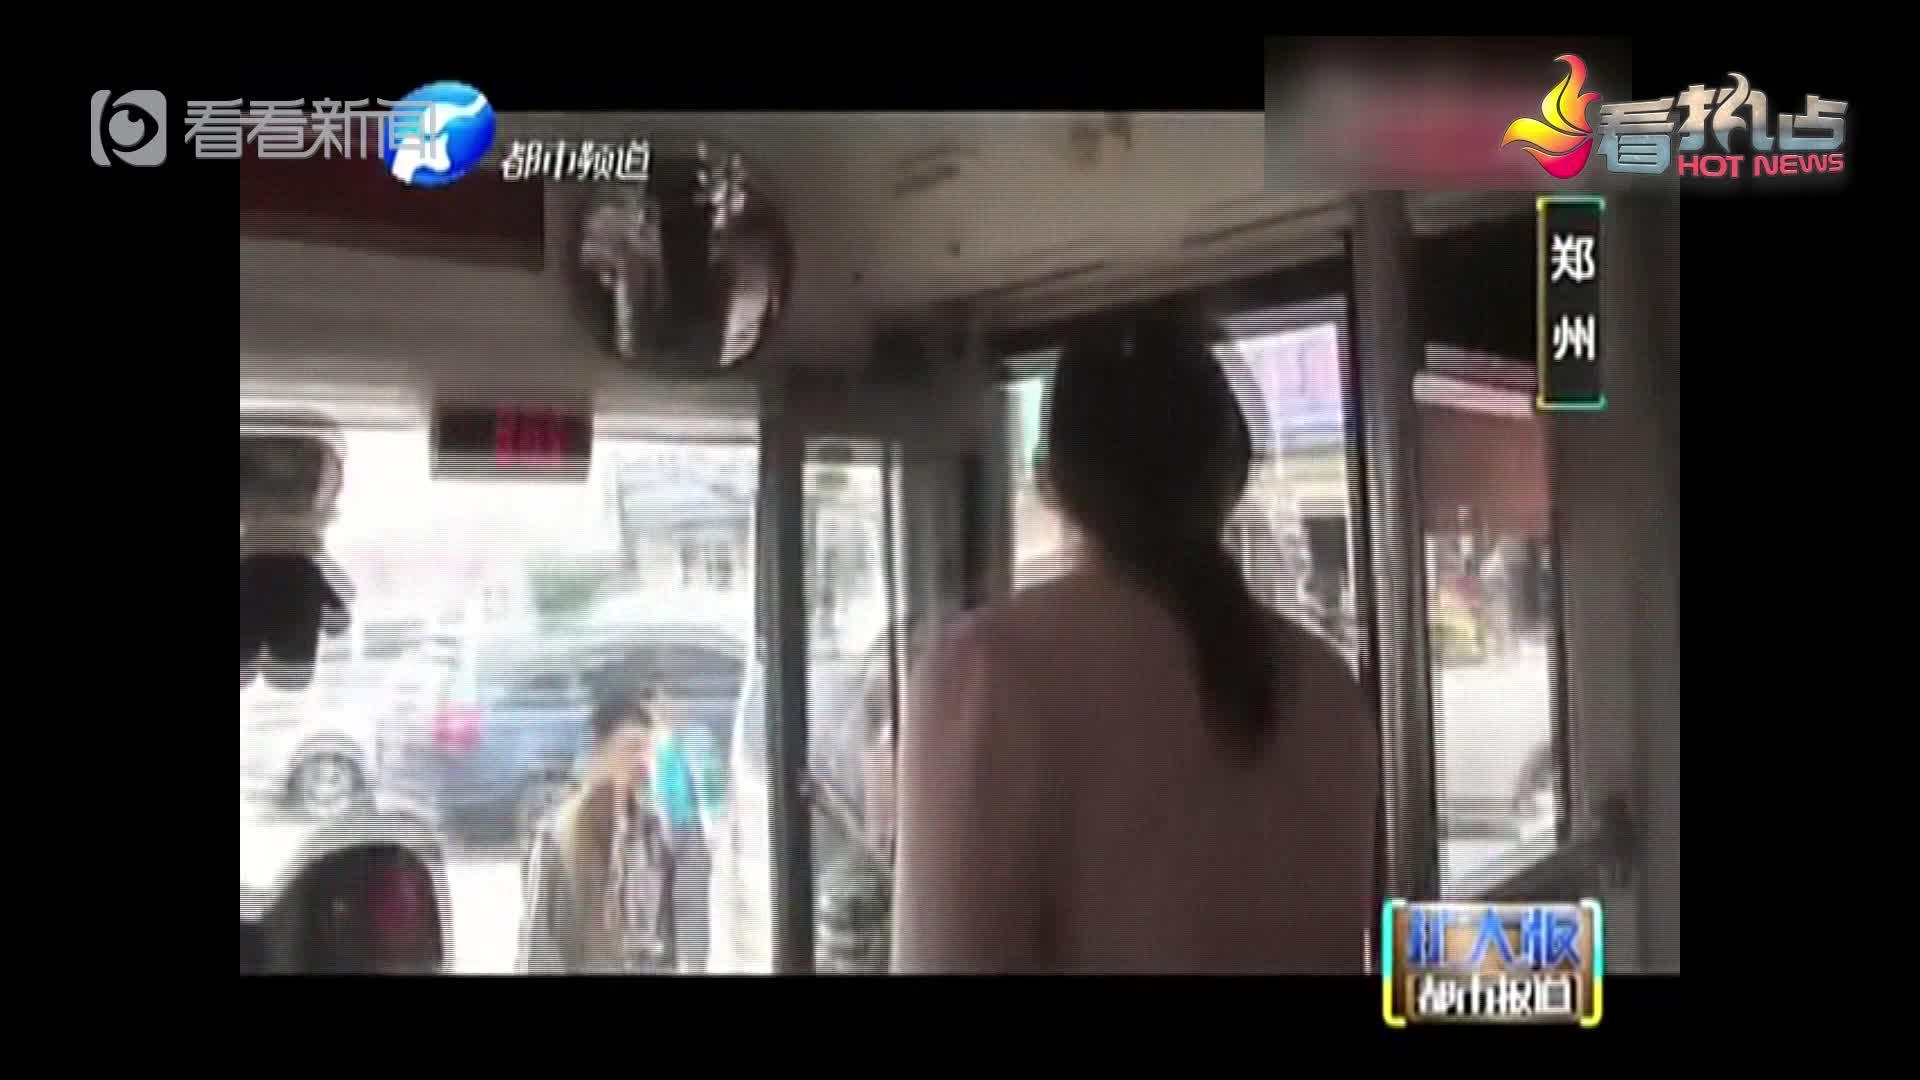 防止性骚扰!郑州公交推女性专车 男乘客喊歧视